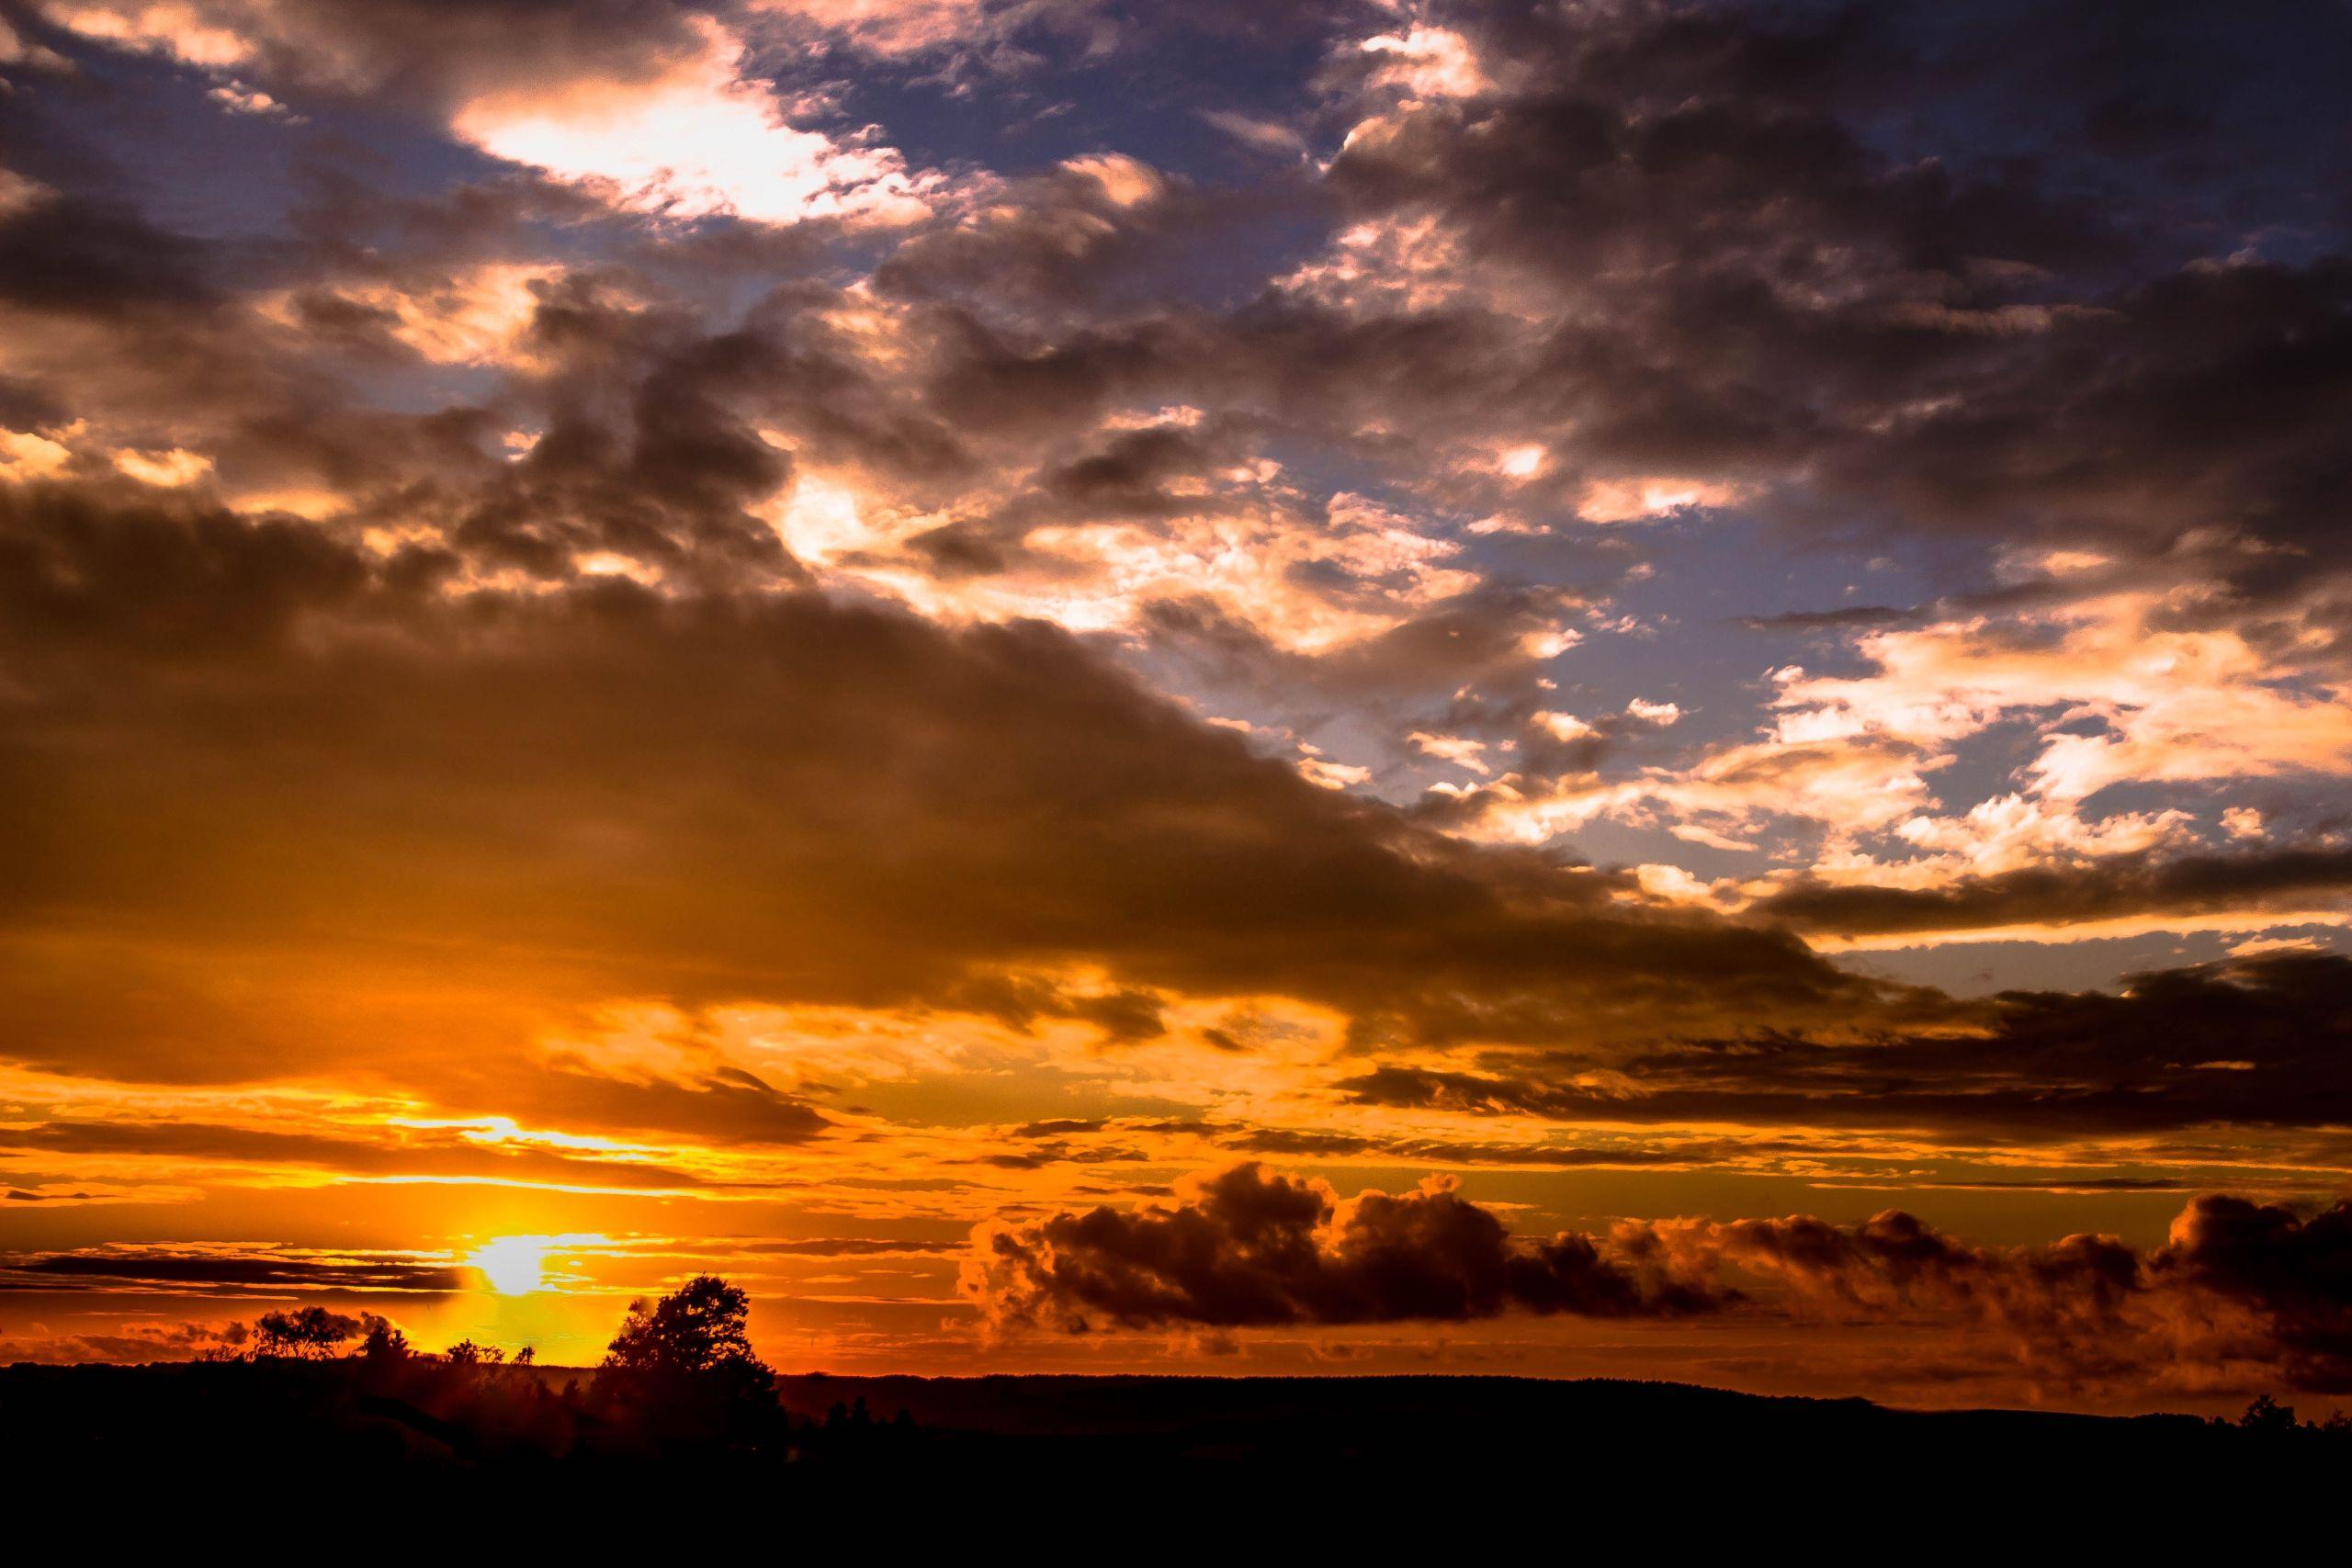 Sunset over the high desert